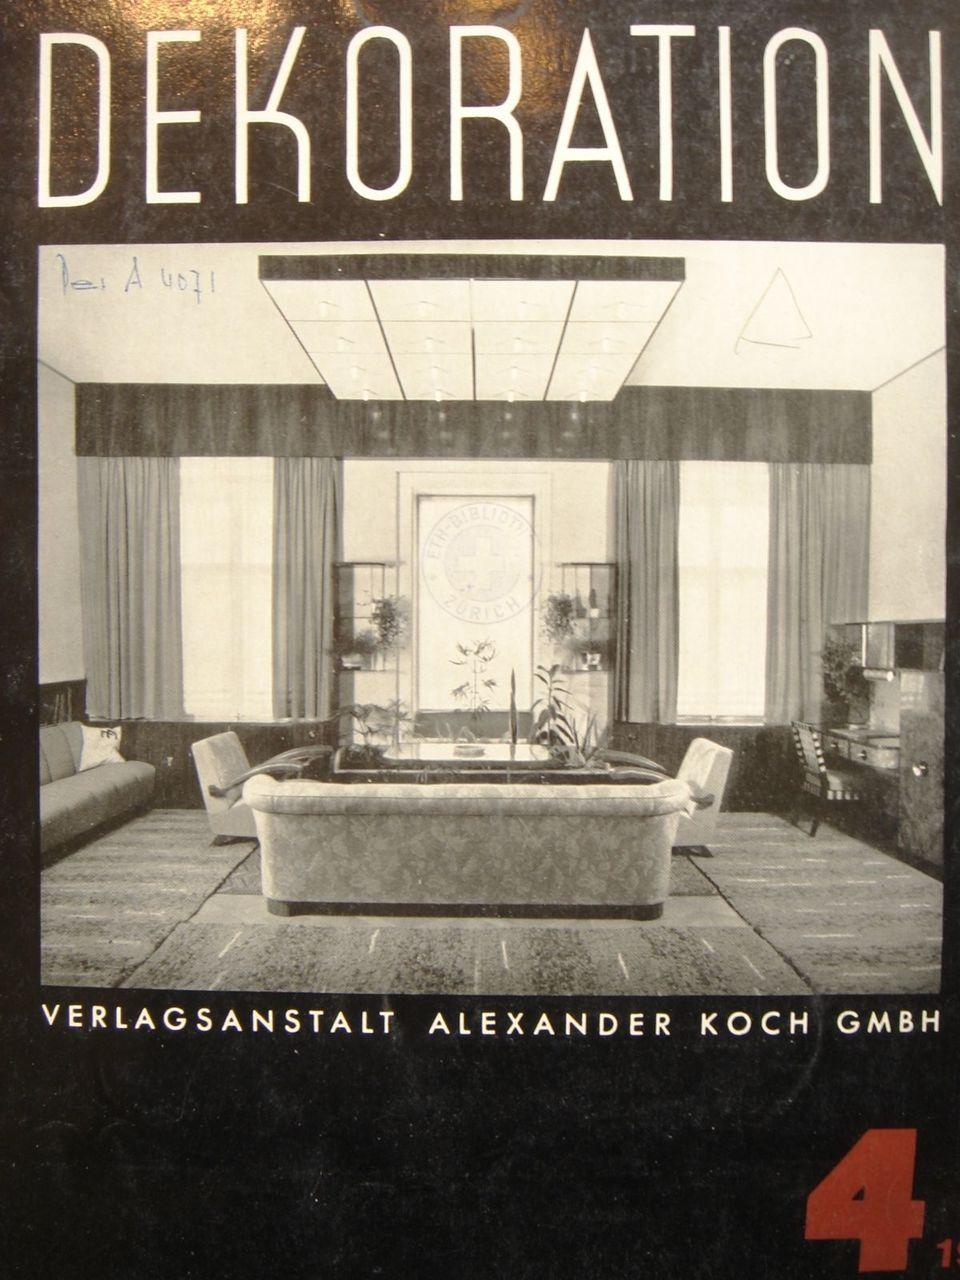 MidCentury Modern Interior Decor INNEN DEKORATION Das Behagliche ...